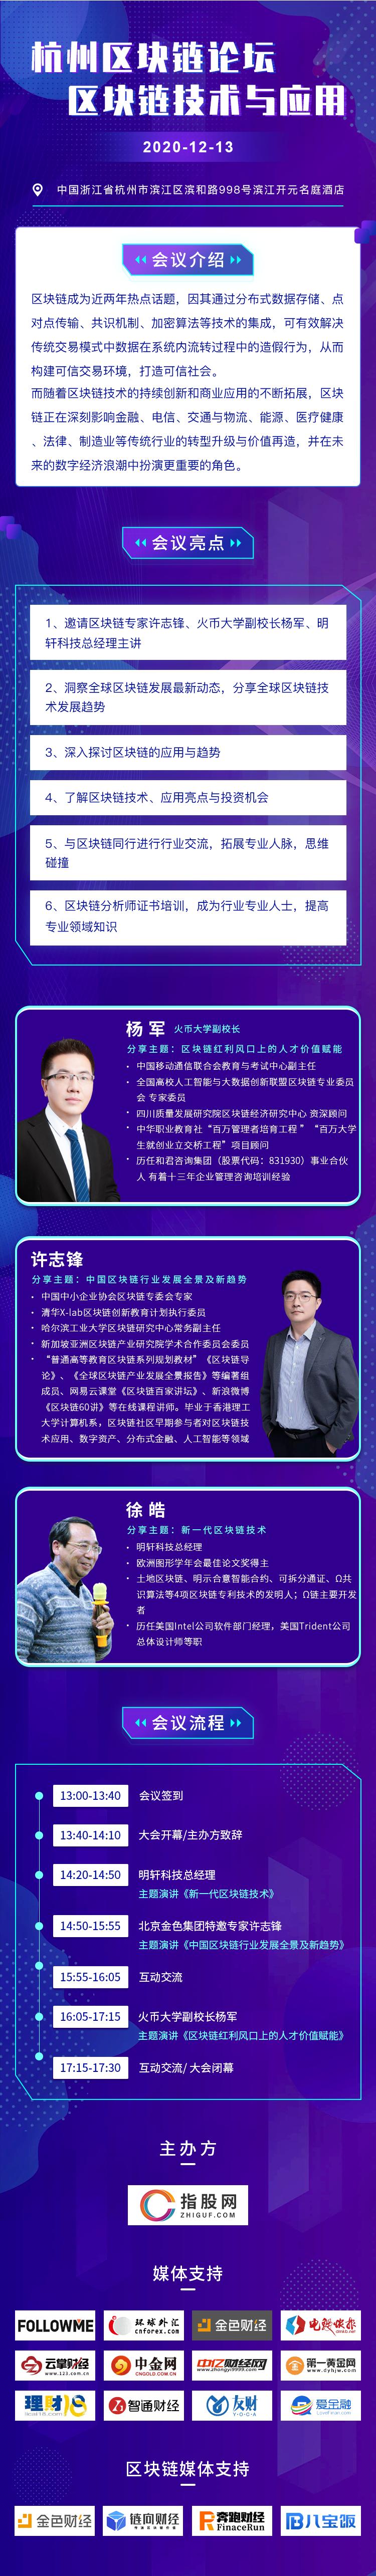 区块链杭州论坛-区块链的应用与趋势